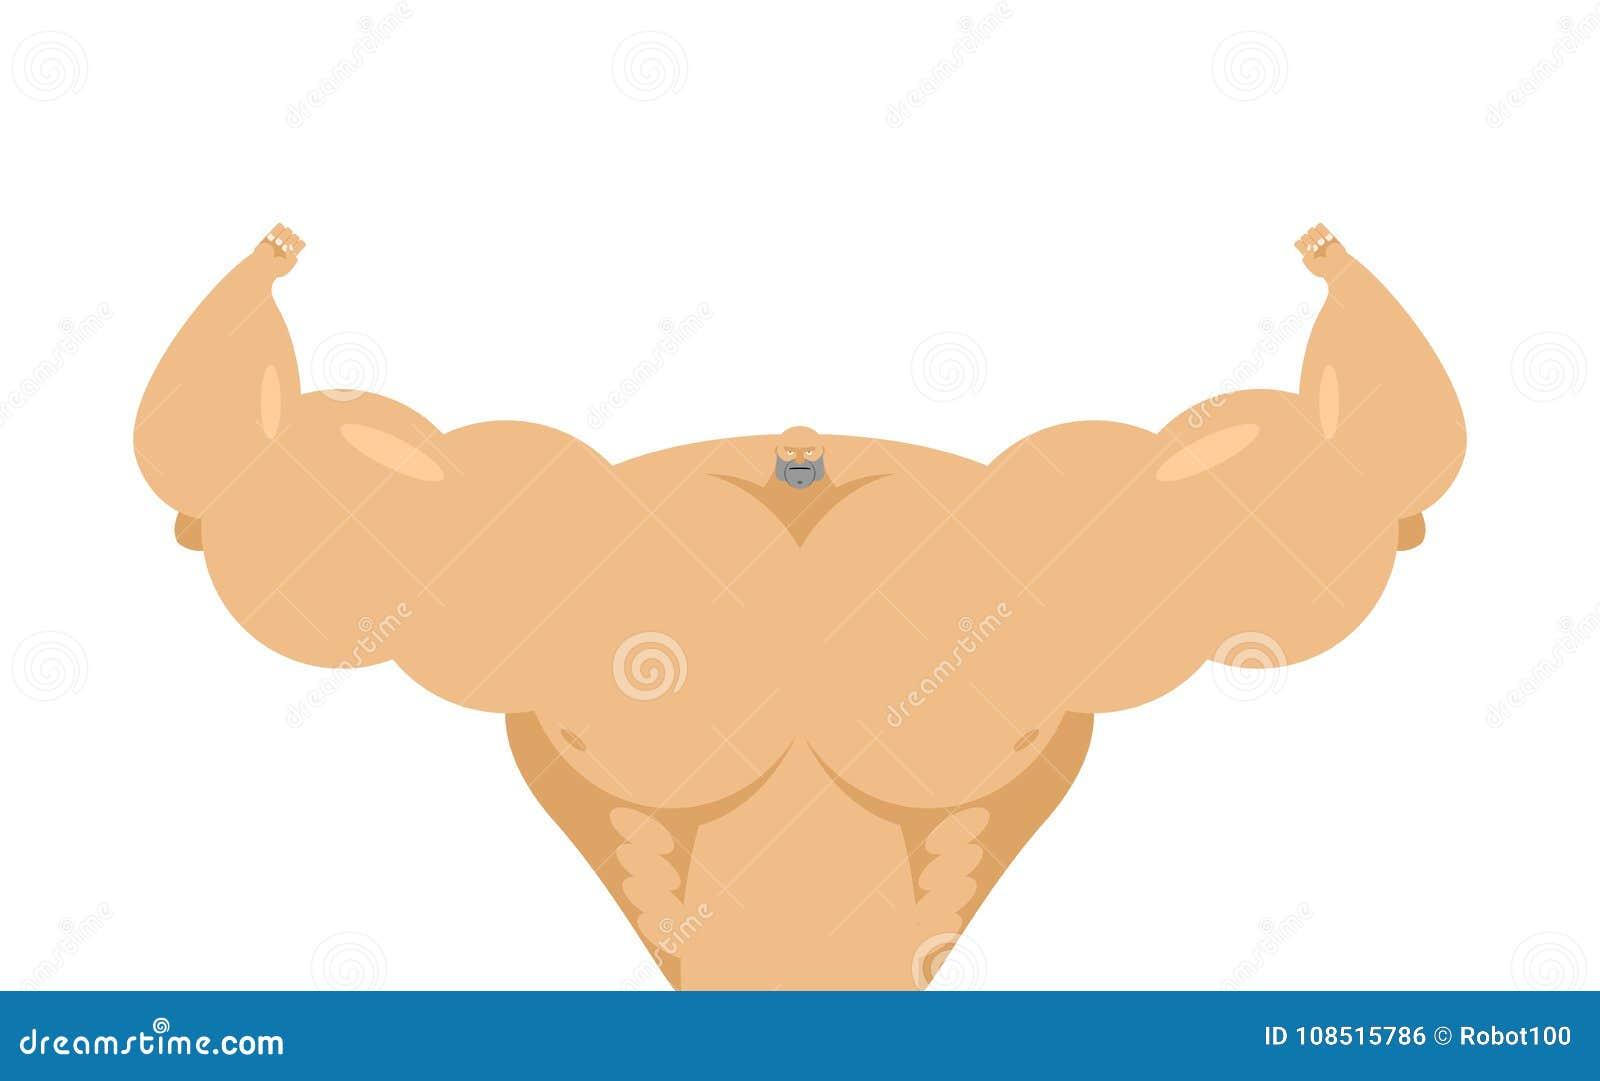 De bodybuilder is groot met klein hoofd Partij van spiermassa Sterke a